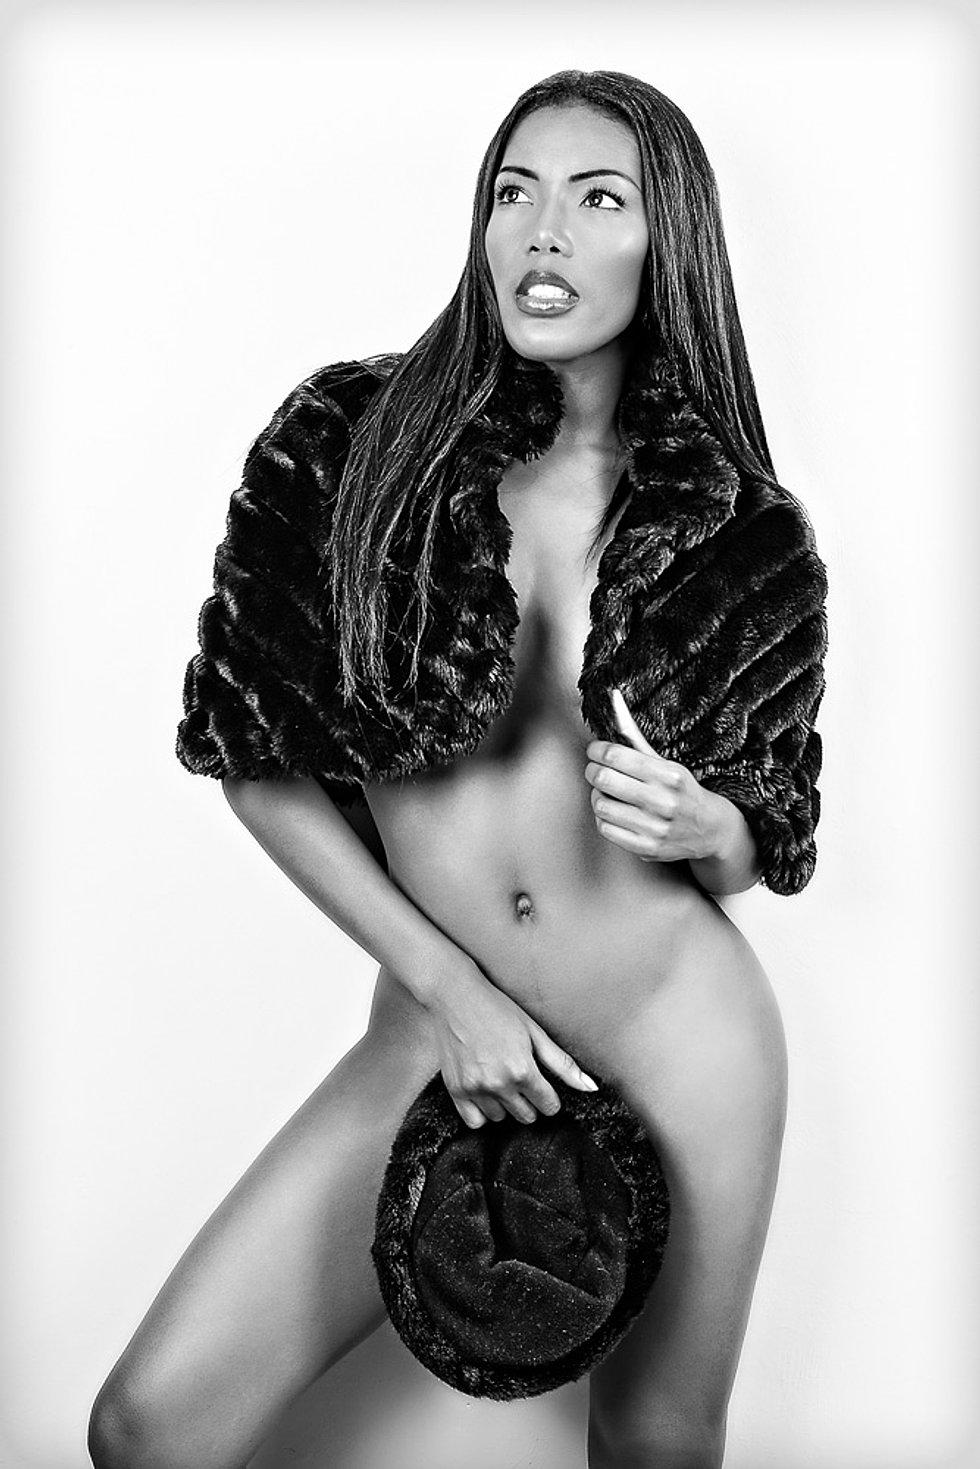 Ls Vera Models - Hot Girls Wallpaper